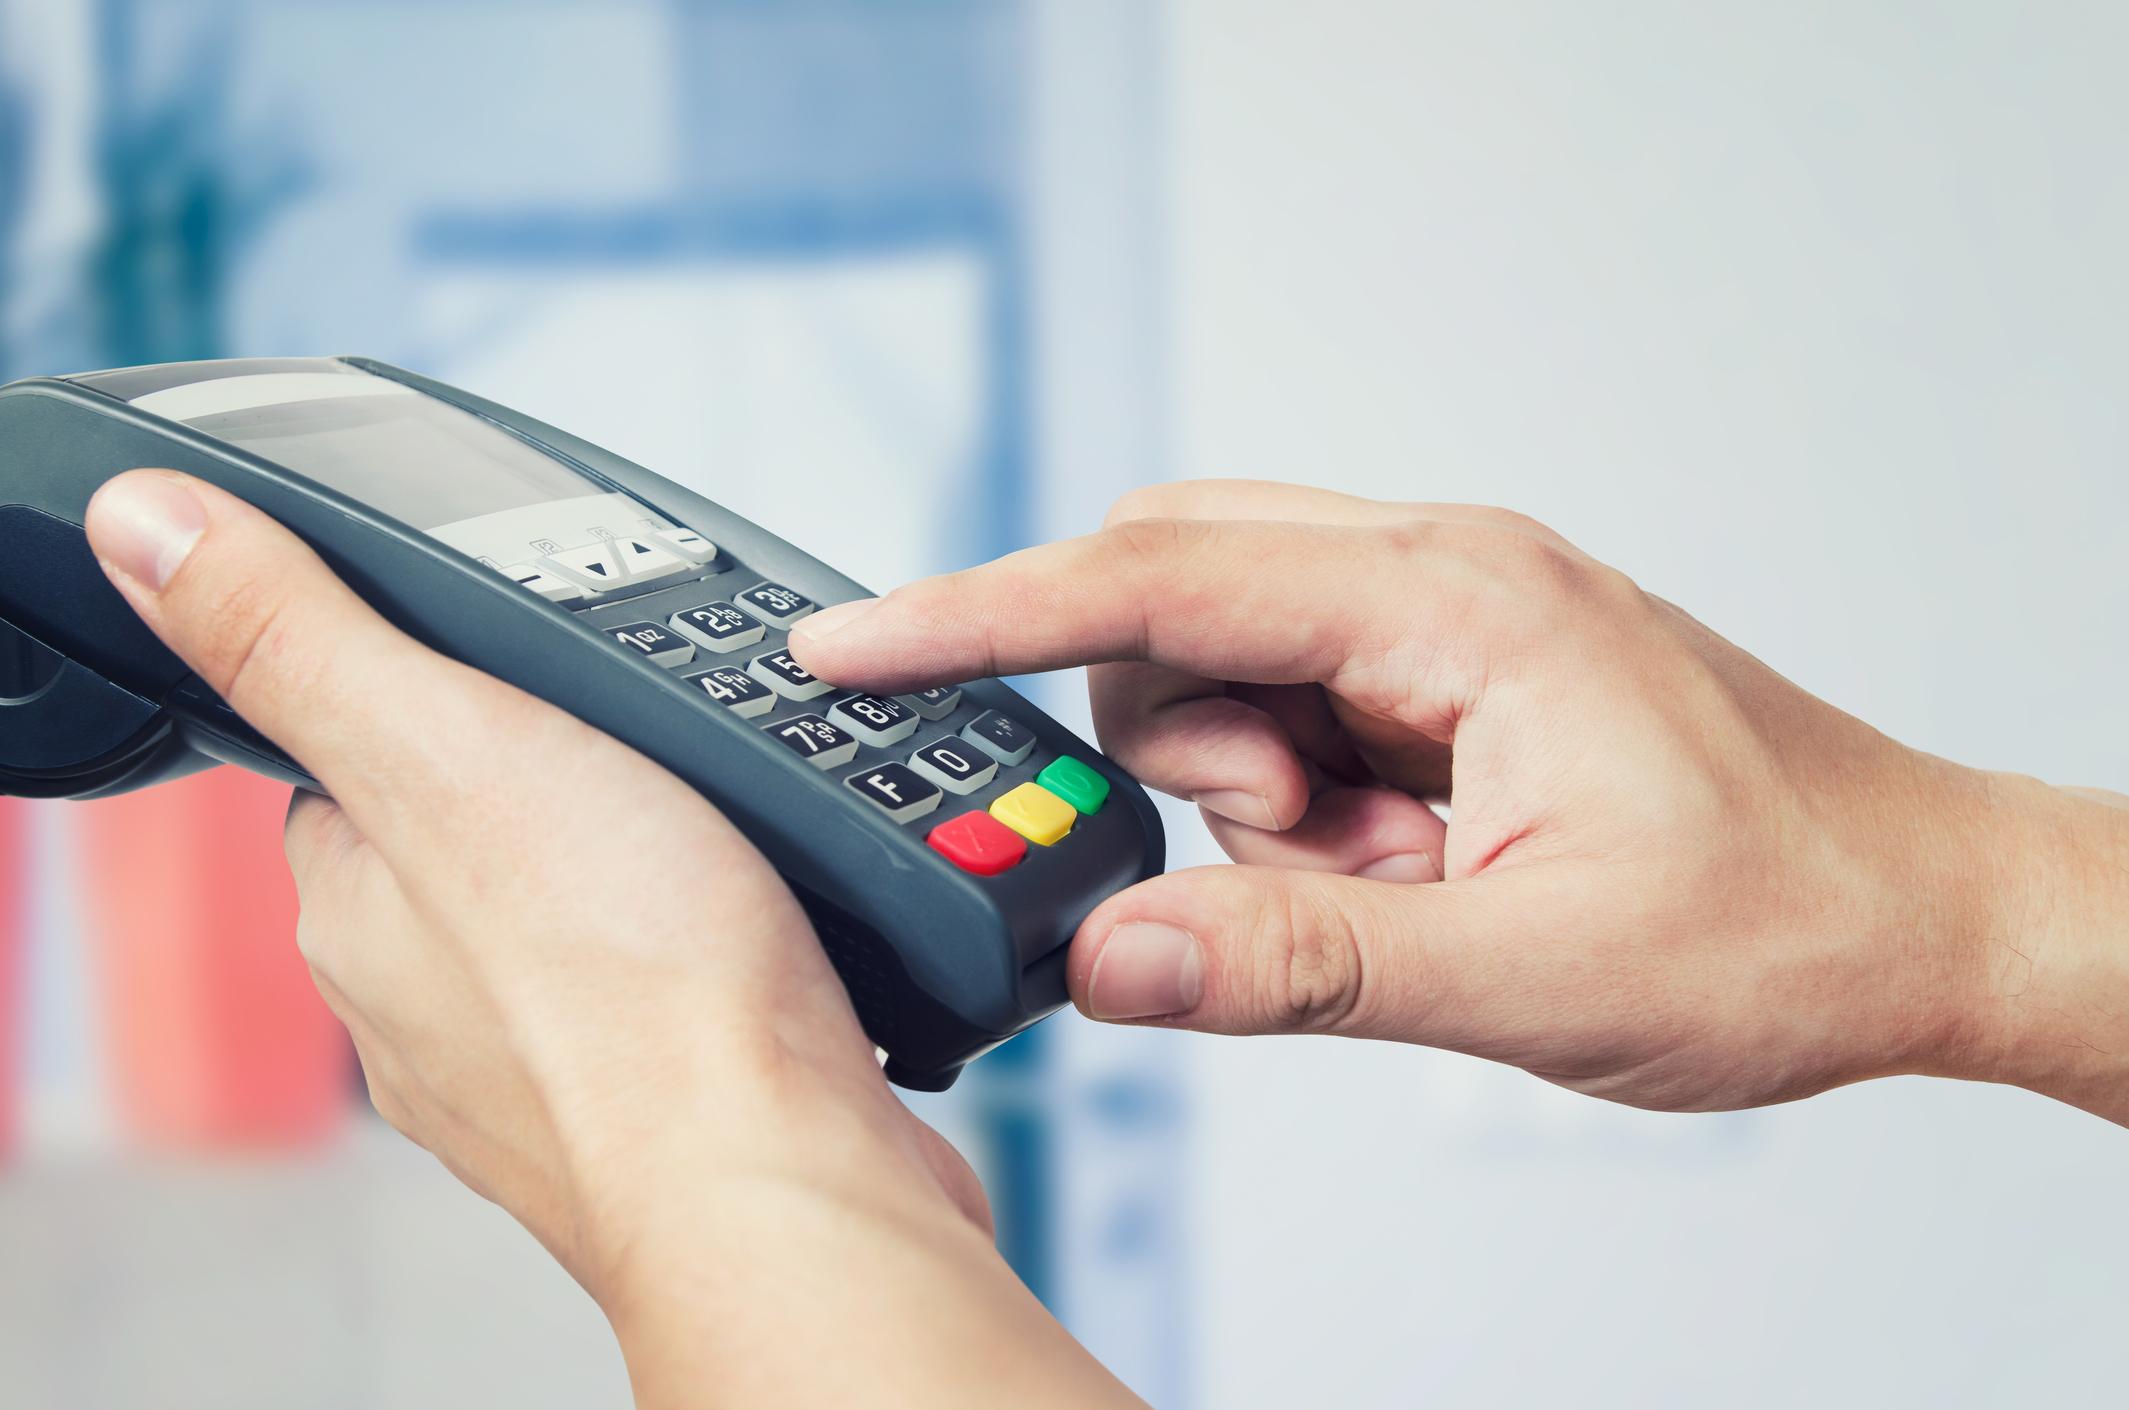 eeed14152 Badanie Mastercard: Płatności kartą pomagają MŚP przyciągnąć klientów i  rozwijać biznes - PRNews.pl